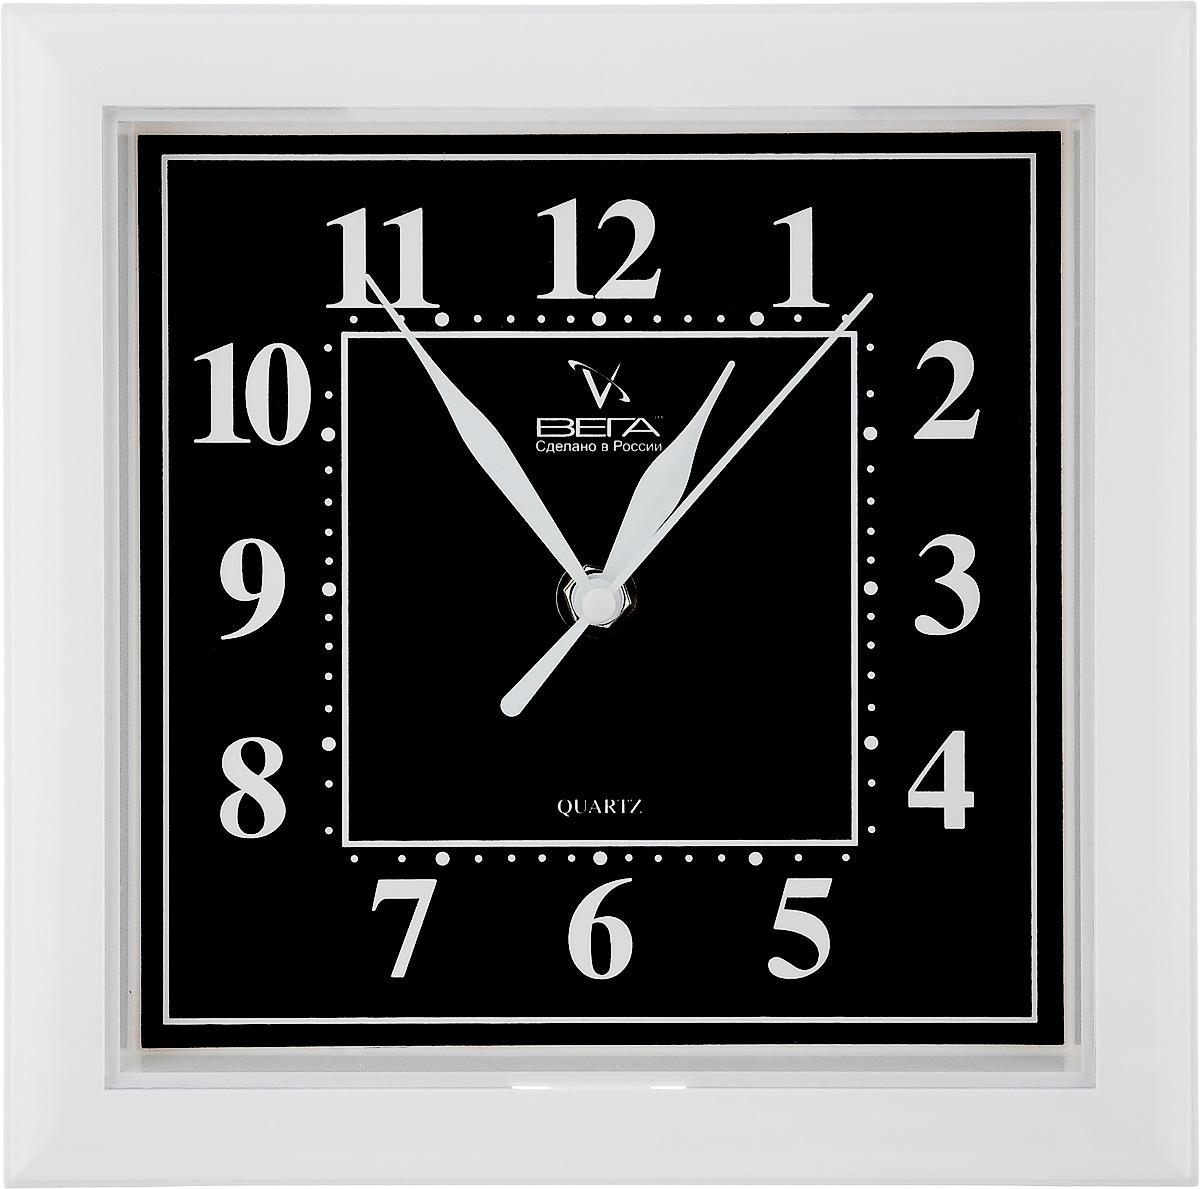 Часы настенные Вега Классика, цвет: белый, черный, 20,6 х 20,6 х 4 смП3-7-48Настенные кварцевые часы Вега Классика в классическом дизайне,изготовленные из пластика, прекрасно впишутся в интерьервашего дома. Квадратные часы имеют три стрелки: часовую,минутную и секундную, циферблат защищен прозрачнымпластиком.Часы работают от 1 батарейки типа АА напряжением 1,5 В (не входит в комплект).